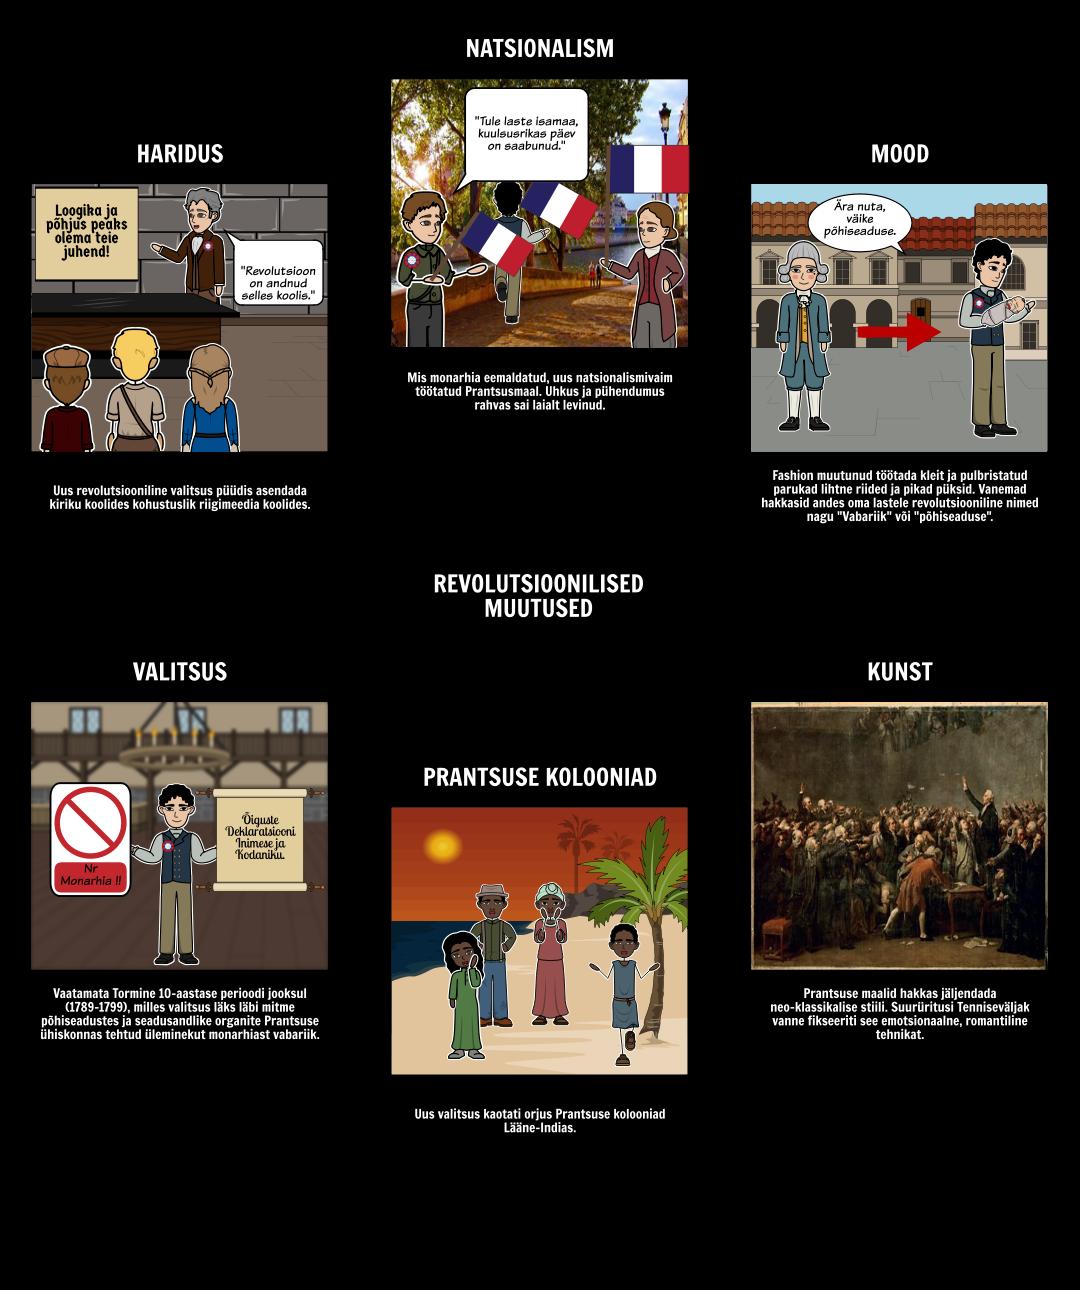 Prantsuse revolutsioon - Mida see muutus?